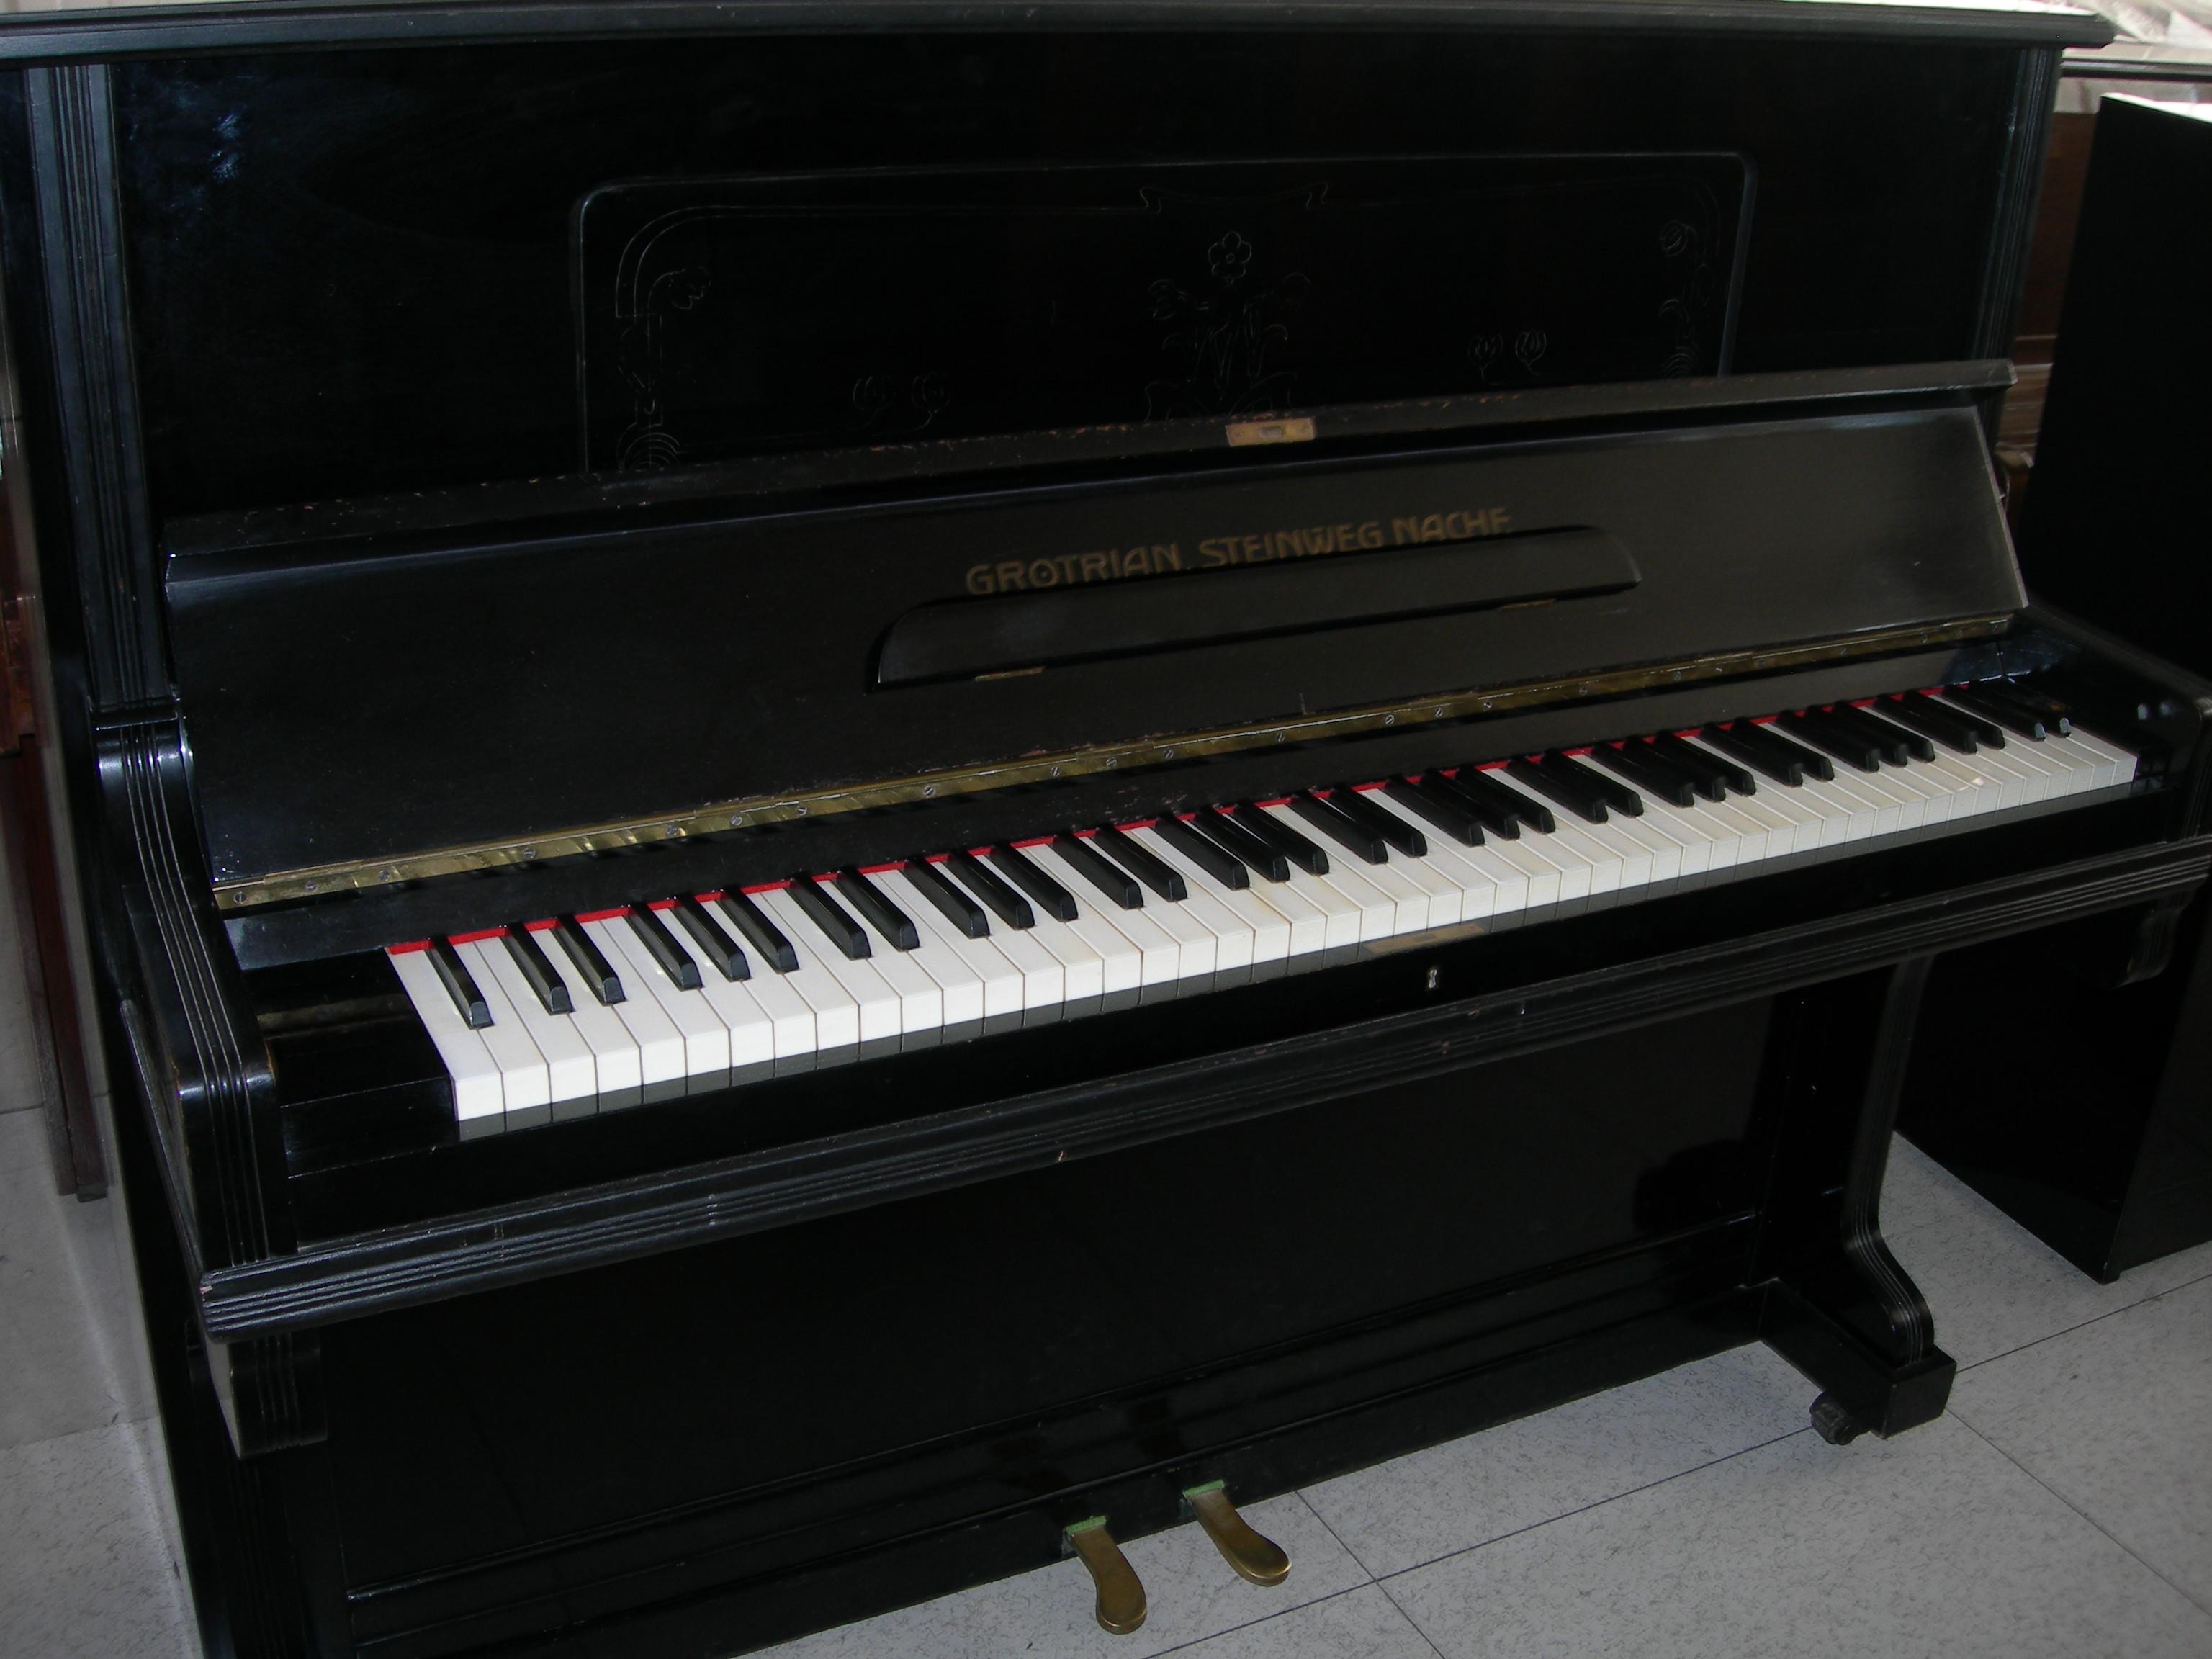 Pianoforti : Pianoforte verticale Grotrian Steinweg